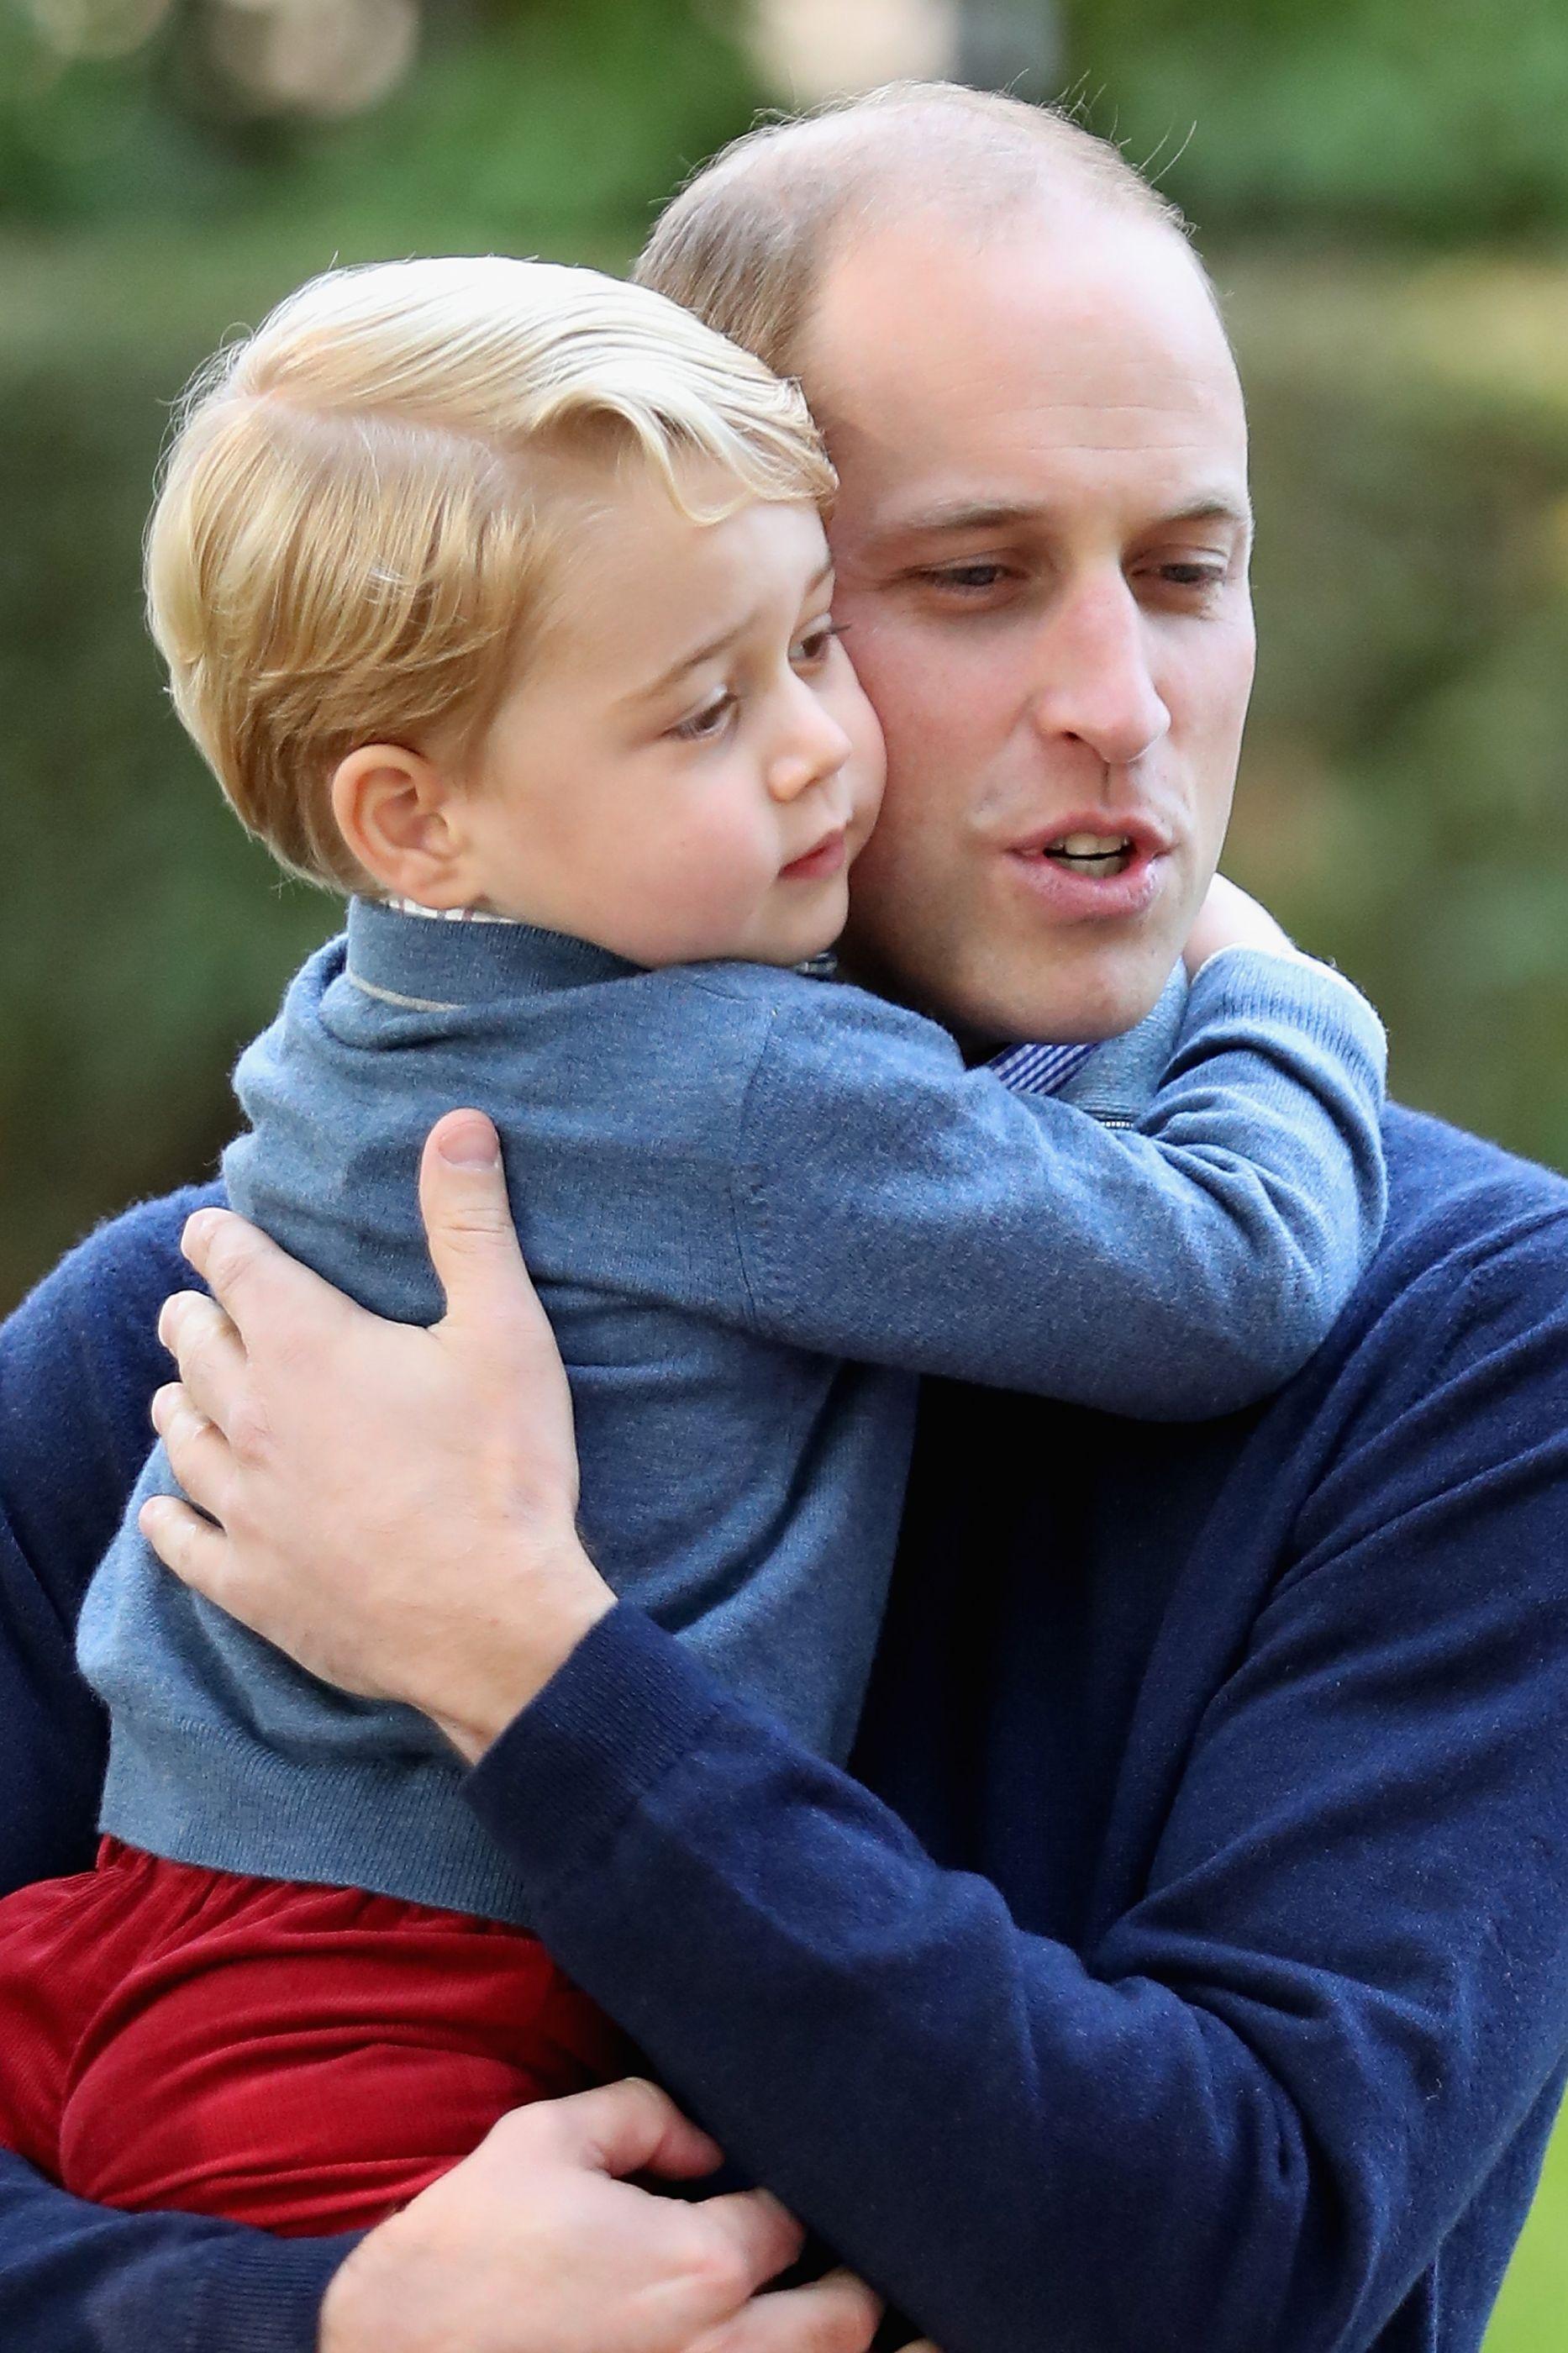 """Príncipe William e os medos da paternidade: """"Eles são tão frágeis"""""""